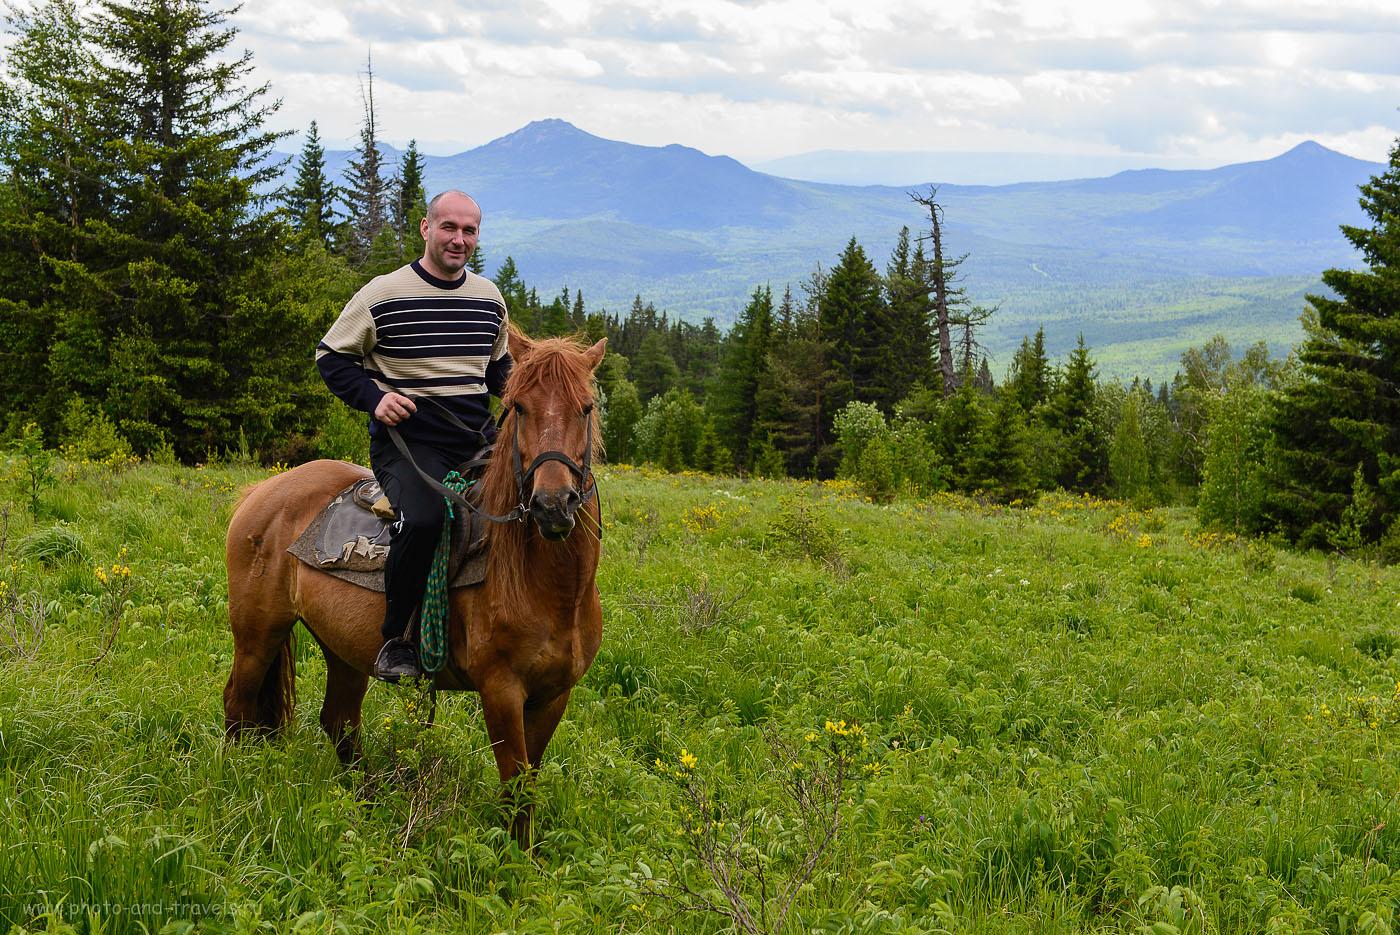 5. Конный поход на гору Ялангас. Вообще-то, я поднимался на другой лошади, эта - моей жены. Отзывы об отдыхе на турбазе в Башкирии (100, 48, 6.3, 1/125)